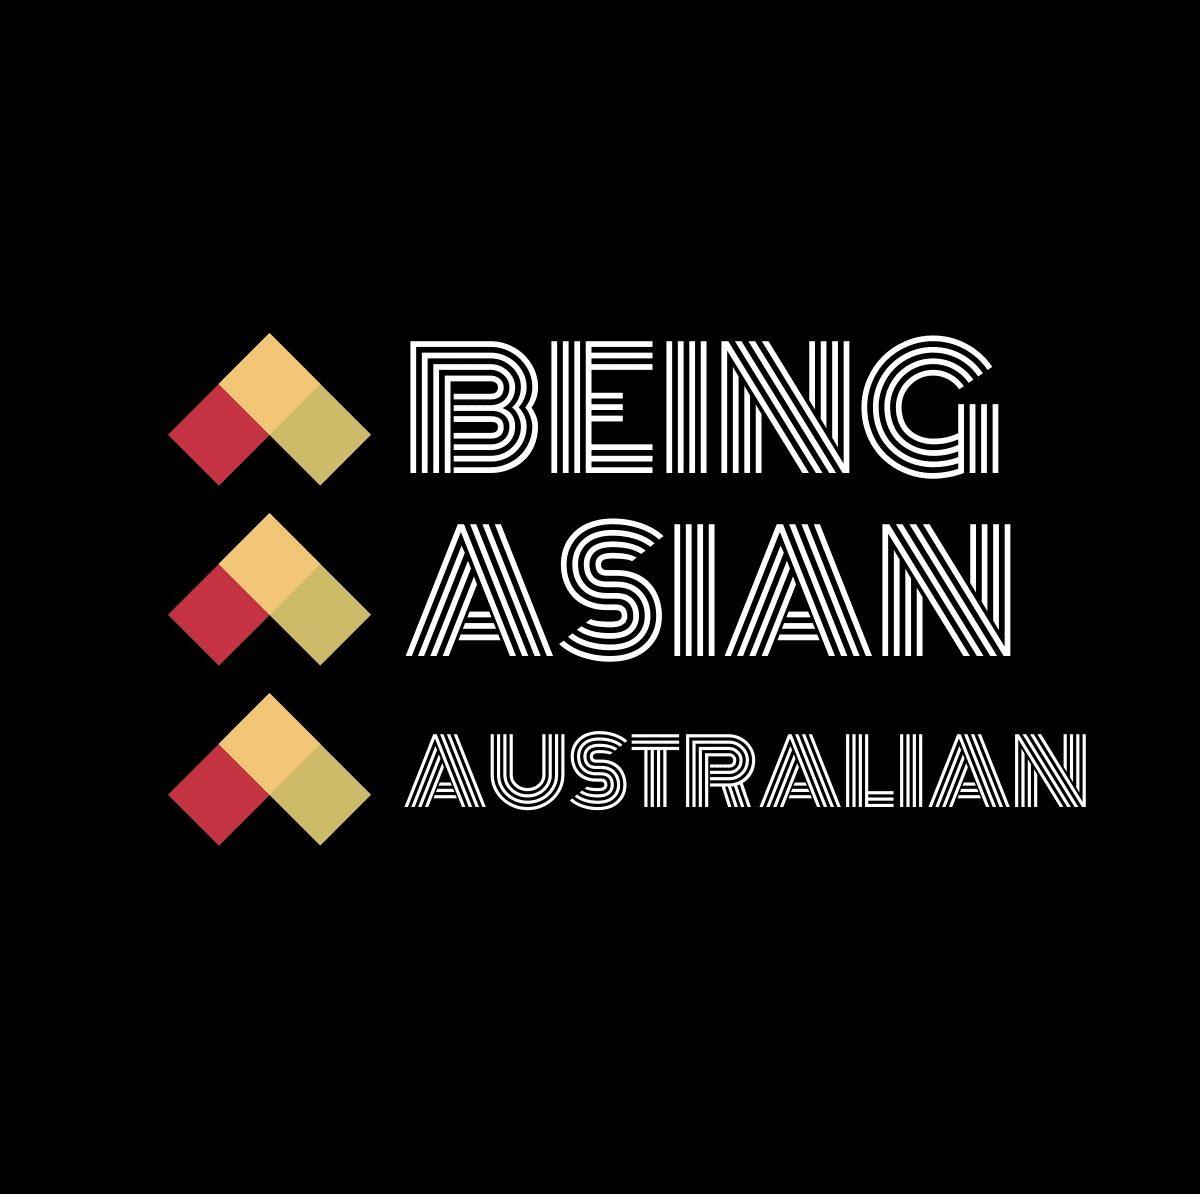 BEING ASIAN AUSTRALIAN